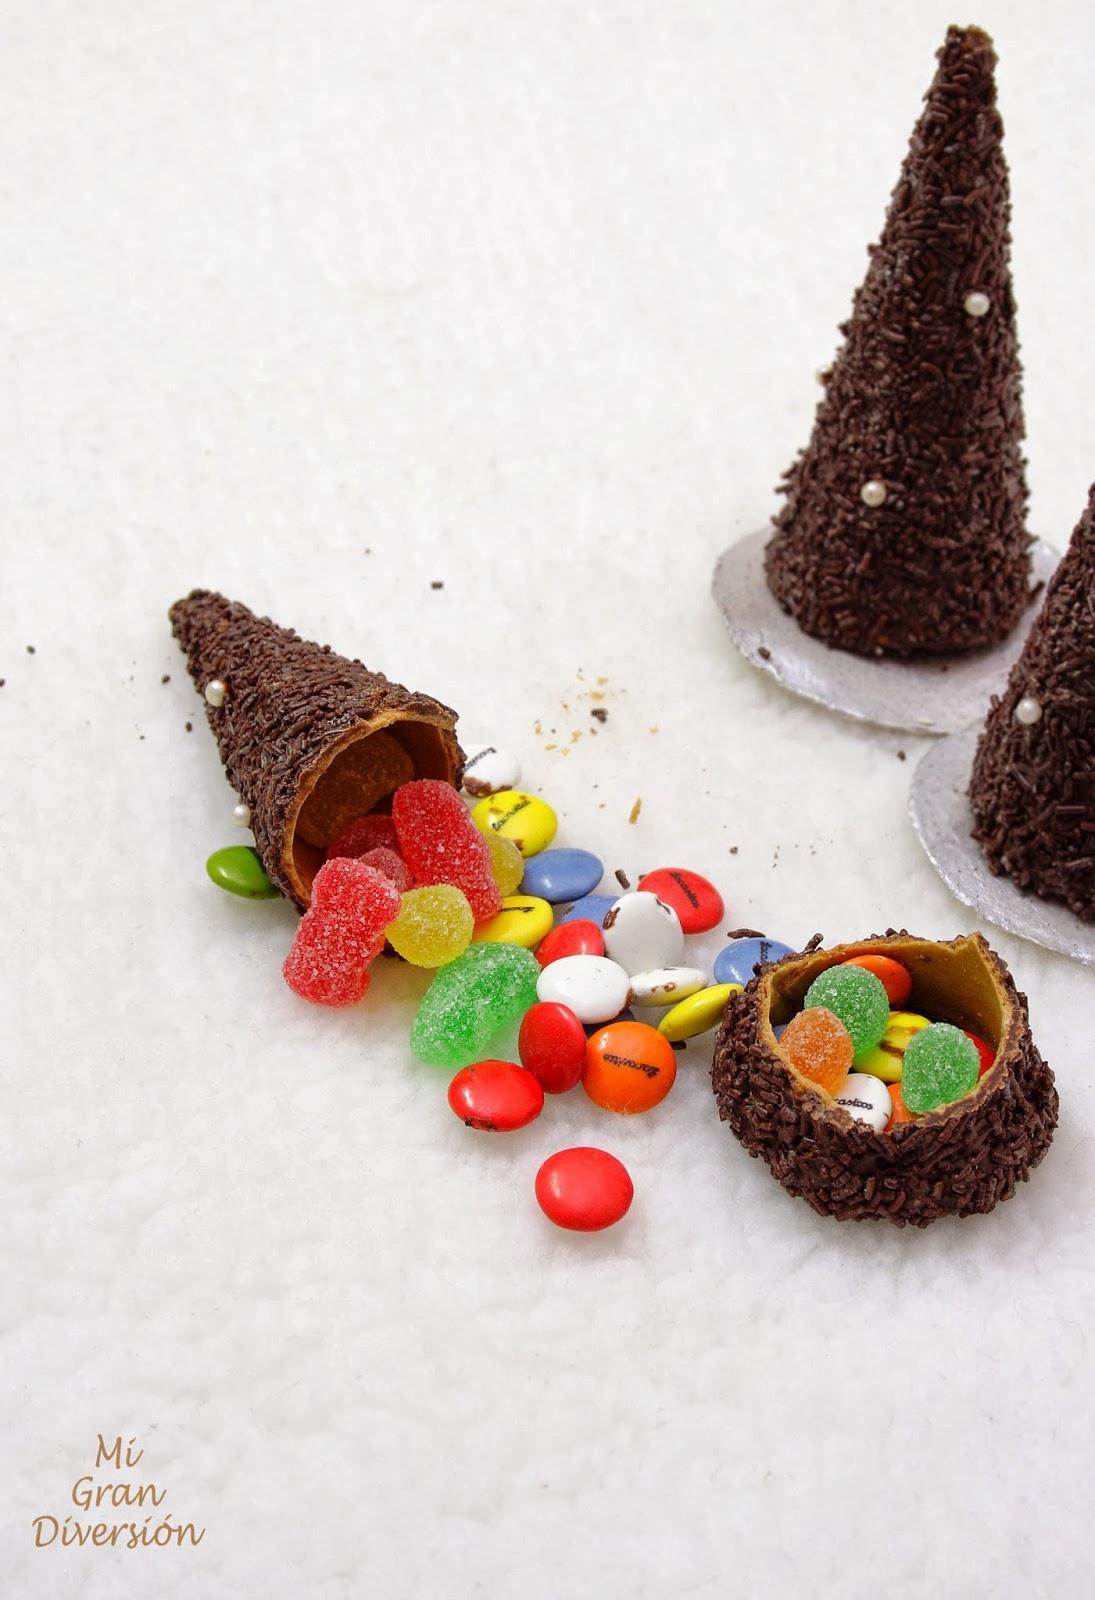 Arbol de navidad de chocolate rellenos de sorpresas - Sorpresas para navidad ...